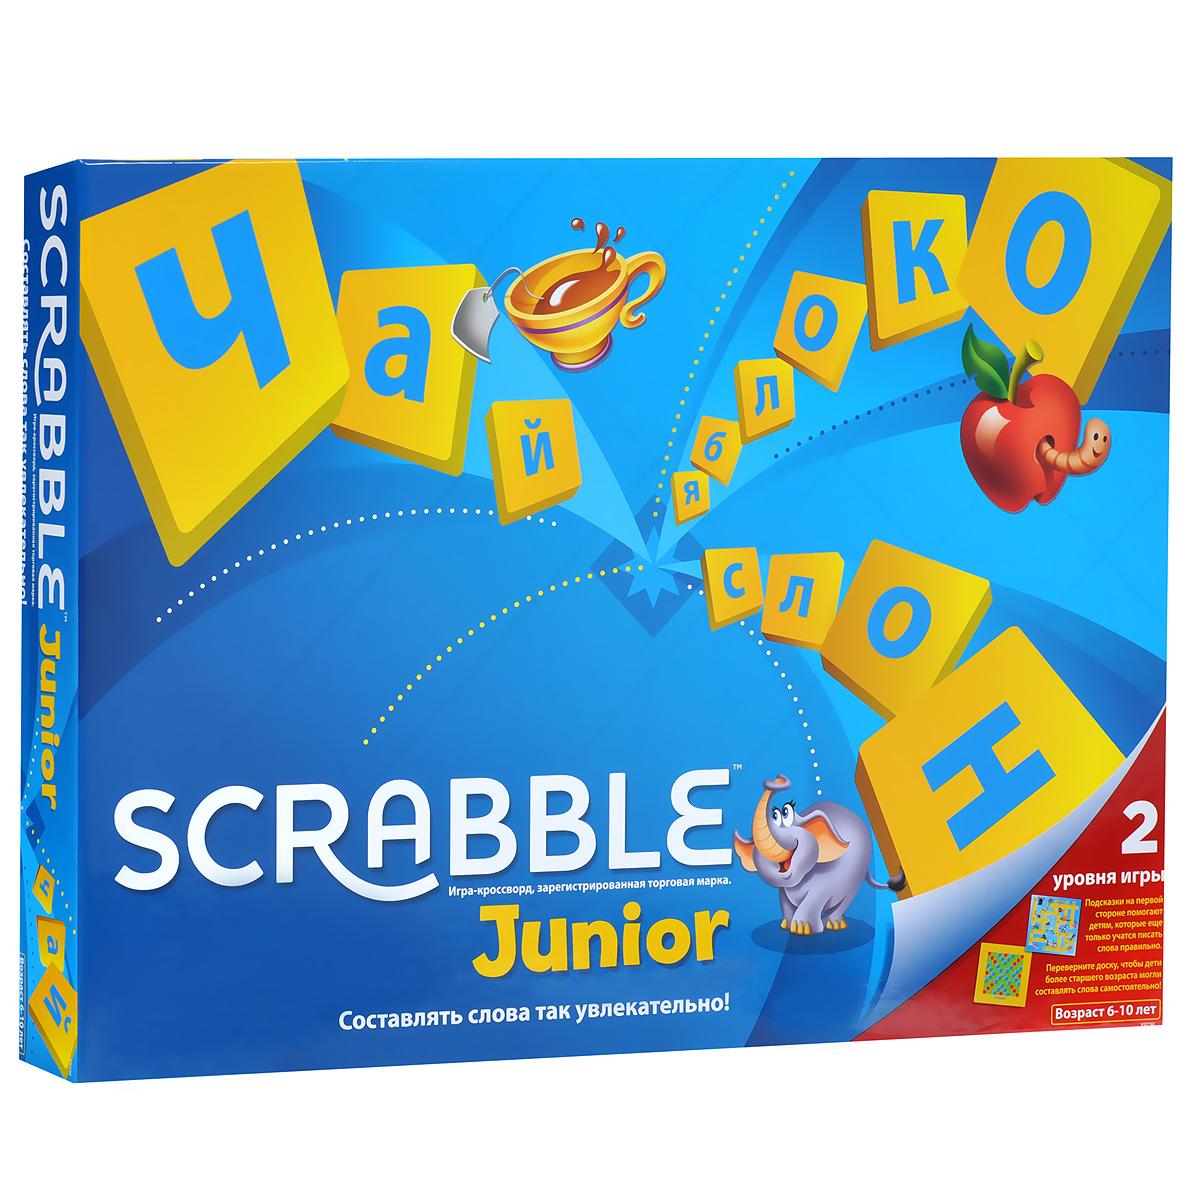 Mattel Games Настольная игра Scrabble ДжуниорY9736Настольная игра Mattel Games Scrabble Джуниор позволит вам и вашему ребенку интересно провести время в кругу друзей или семьи. Задача игроков состоит в формировании взаимосвязанных слов по принципу кроссворда. Слова составляются с использованием фишек с буквами. За составленные слова участники получают очки. Участник, набравший наибольшее количество очков за составленные слова, побеждает! Это два варианта самой популярной игры в слова в одной упаковке! Первая игра называется Слова и картинки. Она специально разработана, чтобы позволить детям младшего возраста (5-8 лет) играть в Scrabble на своем уровне с подсказками слов на поле. На игровом поле изображены различные картинки, которые являются взаимосвязанными словами. Эта комбинация слови картинок поможет ребенку научиться читать и писать слова. Вторая игра Цвета и жетоны (для детей от 7 лет) предназначена для тех, кто уже умеет составлять слова и хорошо знаком с написанием слов. В комплект...